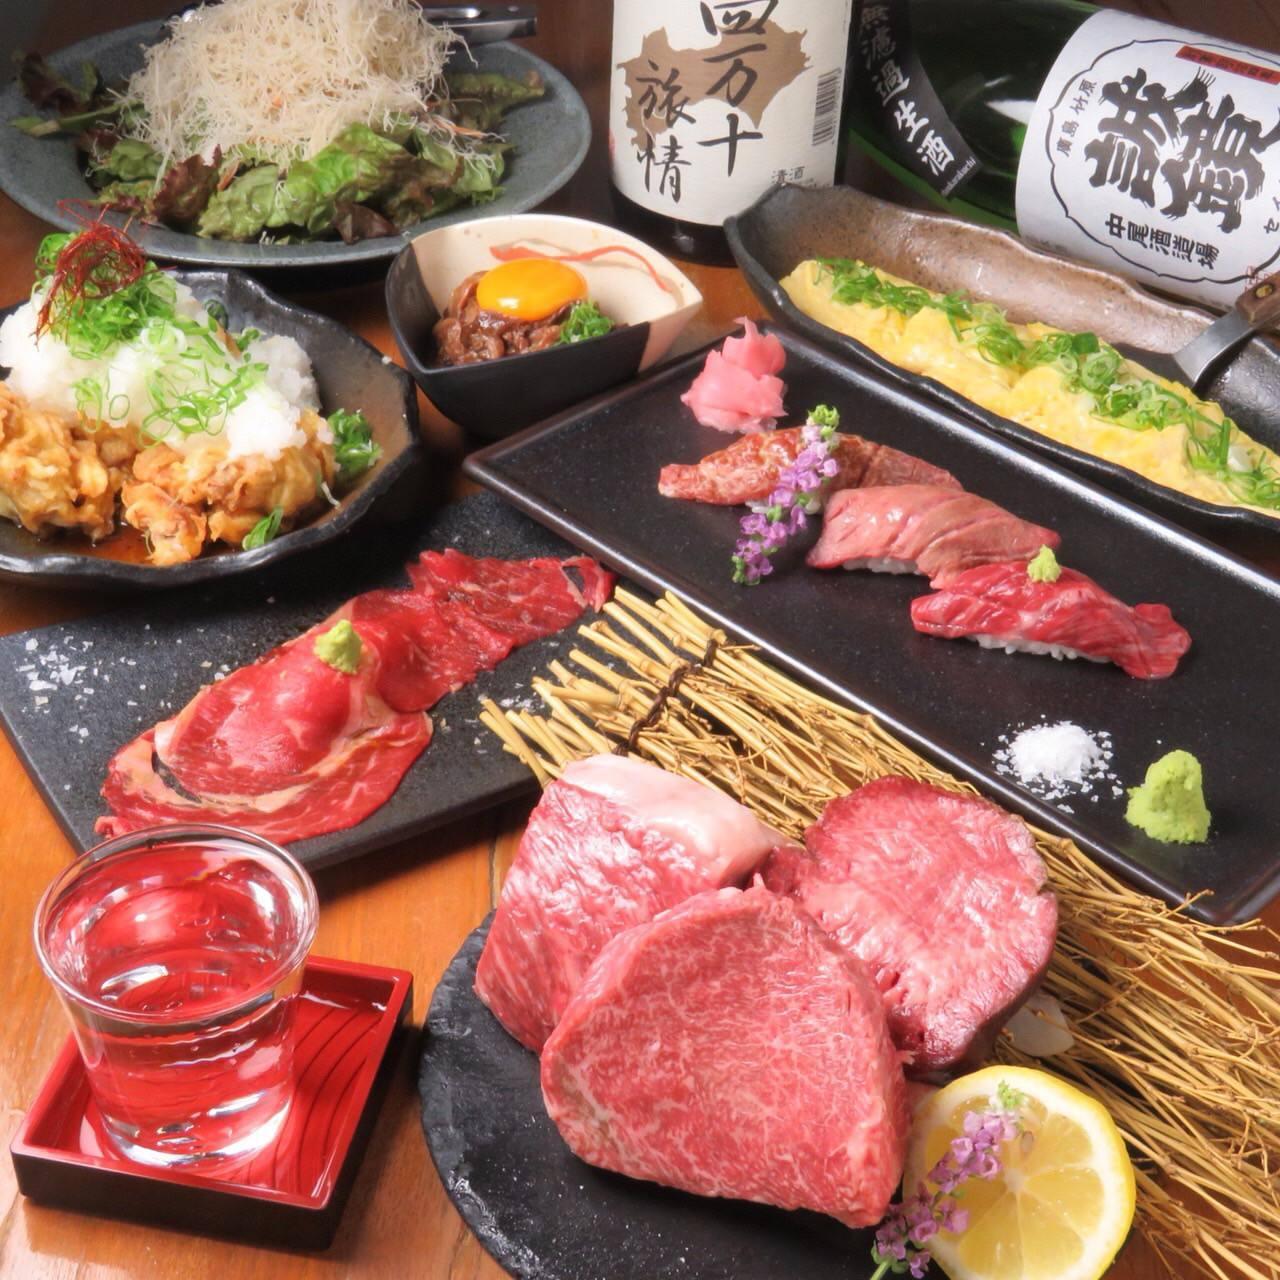 大人気のステーキと肉寿司が付いたコースあります。